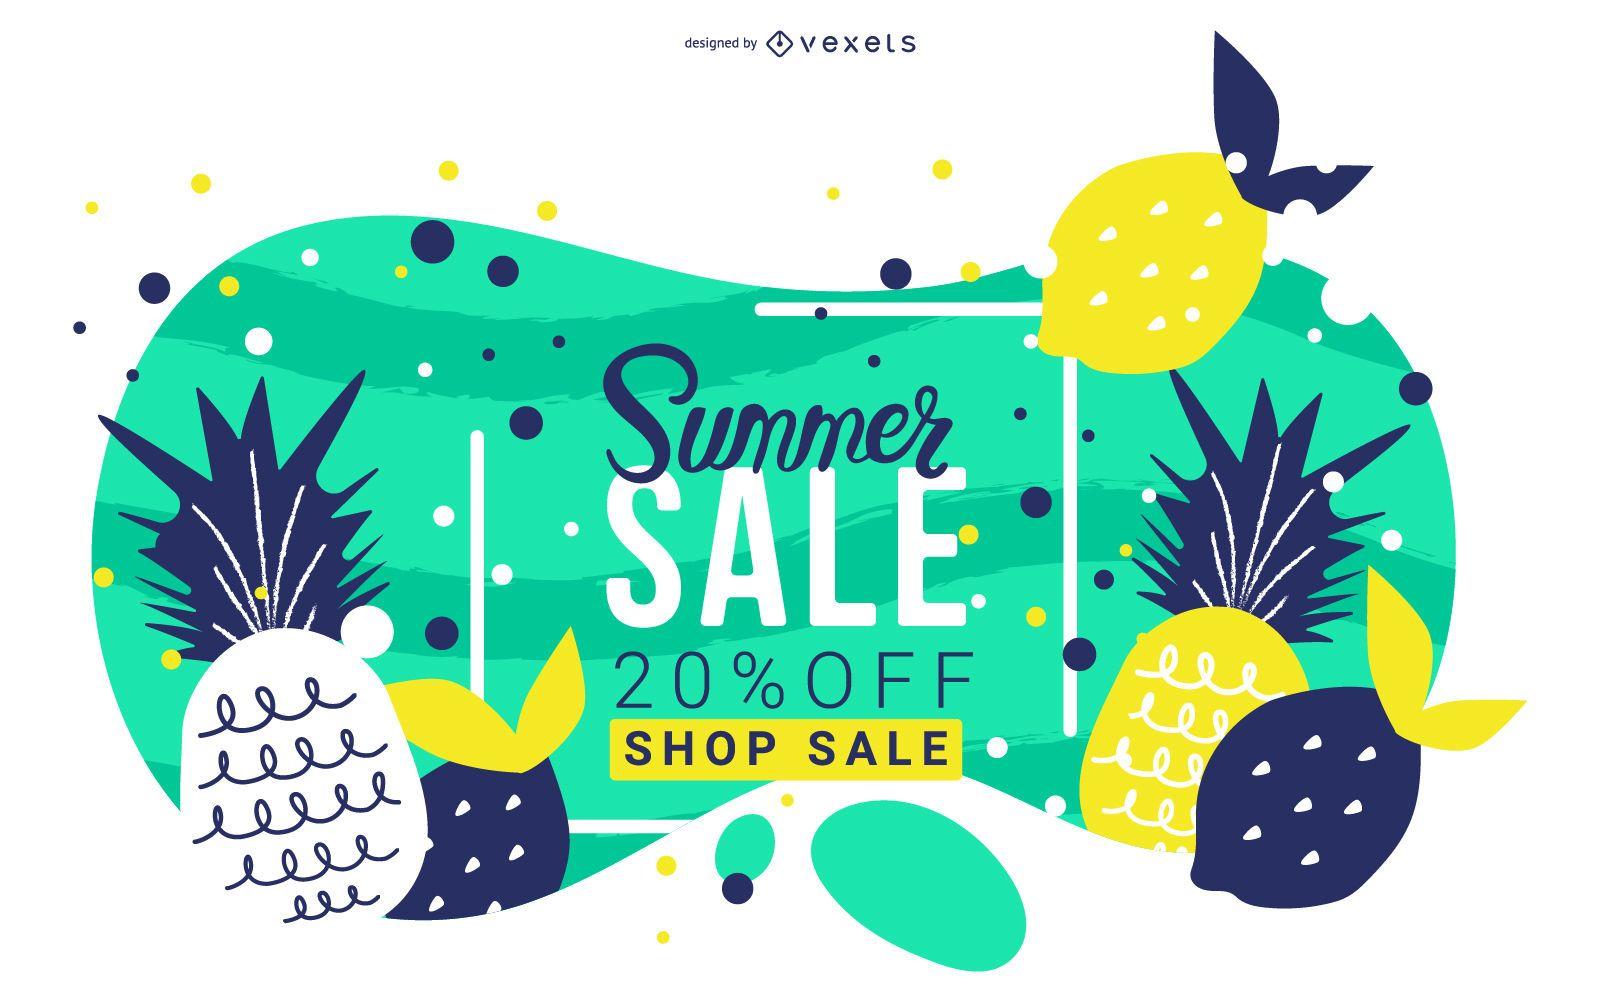 Summer sale fruits banner design